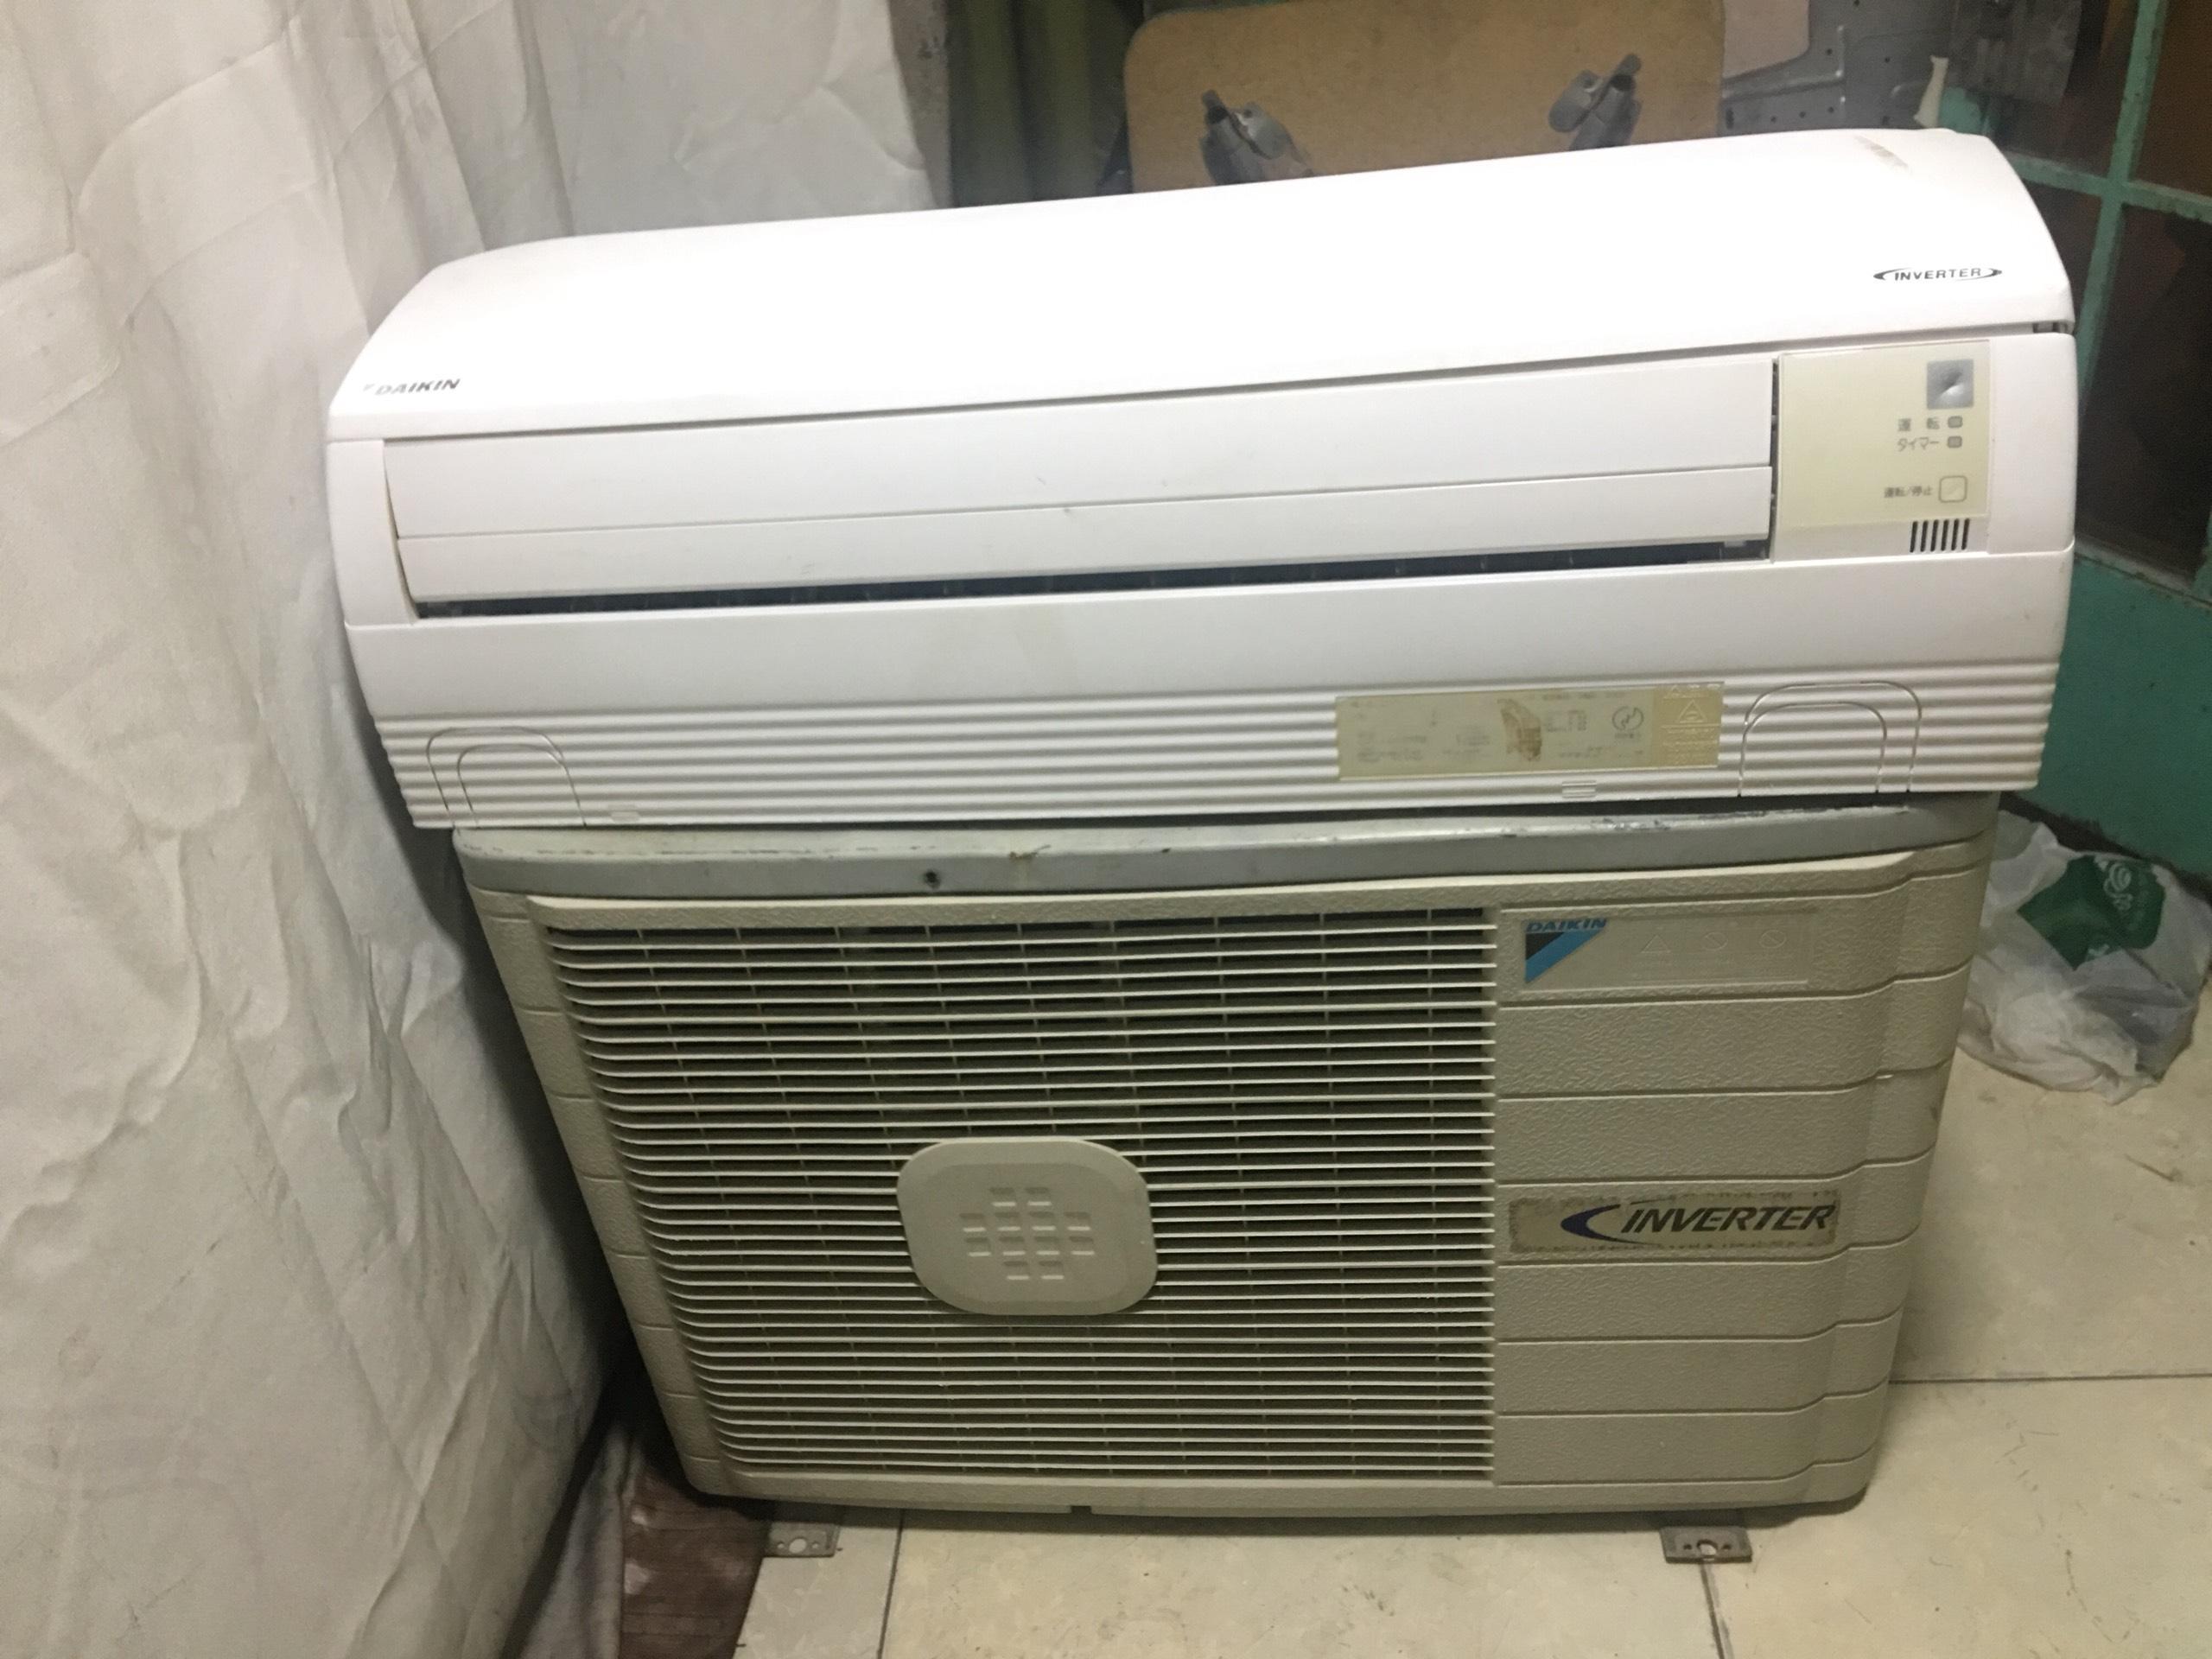 Máy lạnh cũ giá rẻ tiết kiệm điện Daikin 1HP inverter nội địa - bao lắp đặt(chỉ nội thành HCM)